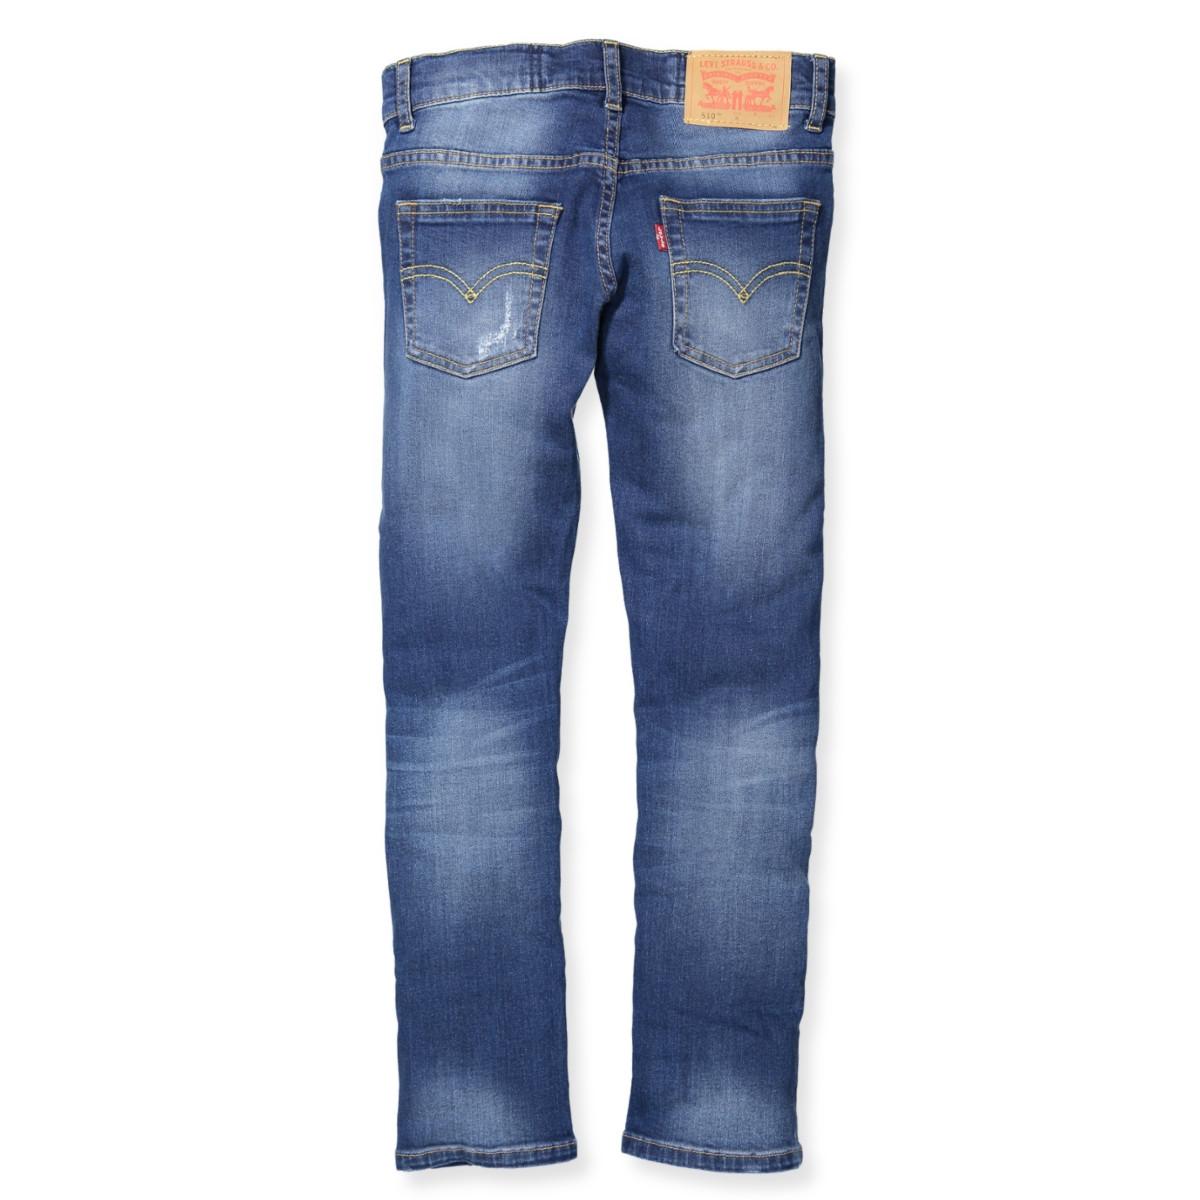 510 Skinny Fit jeans - dreng